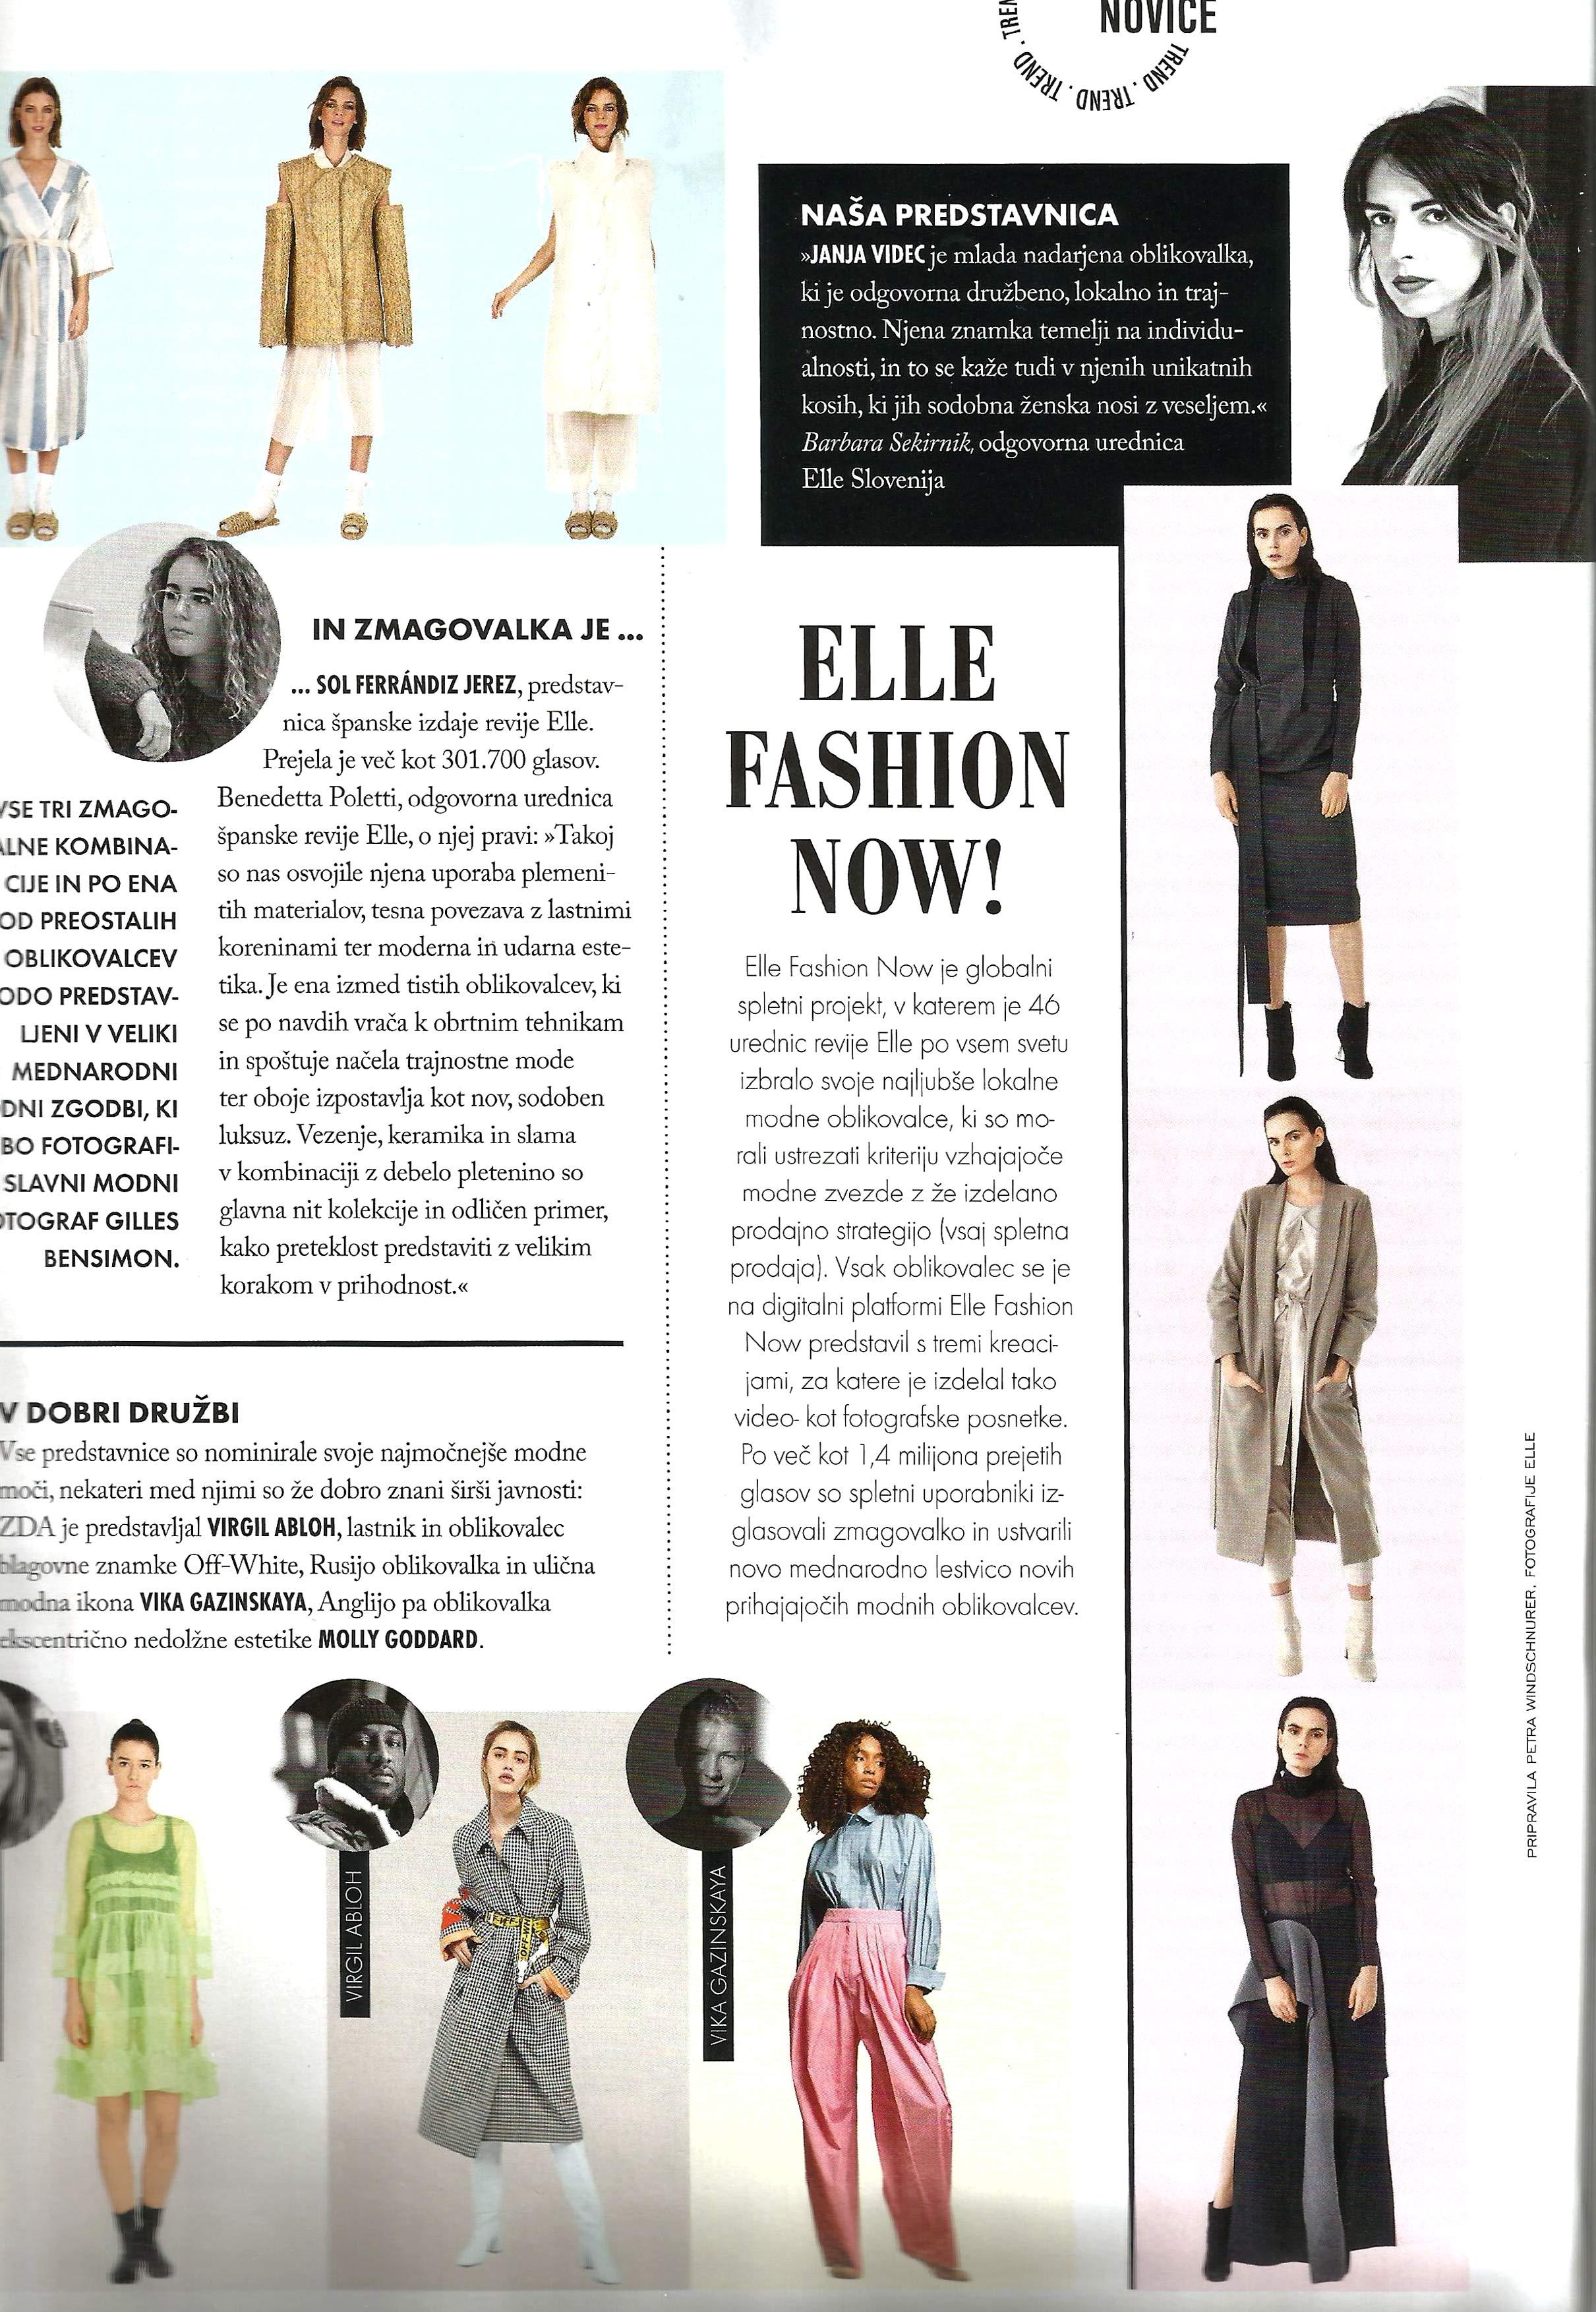 elle-fashion-now.jpg